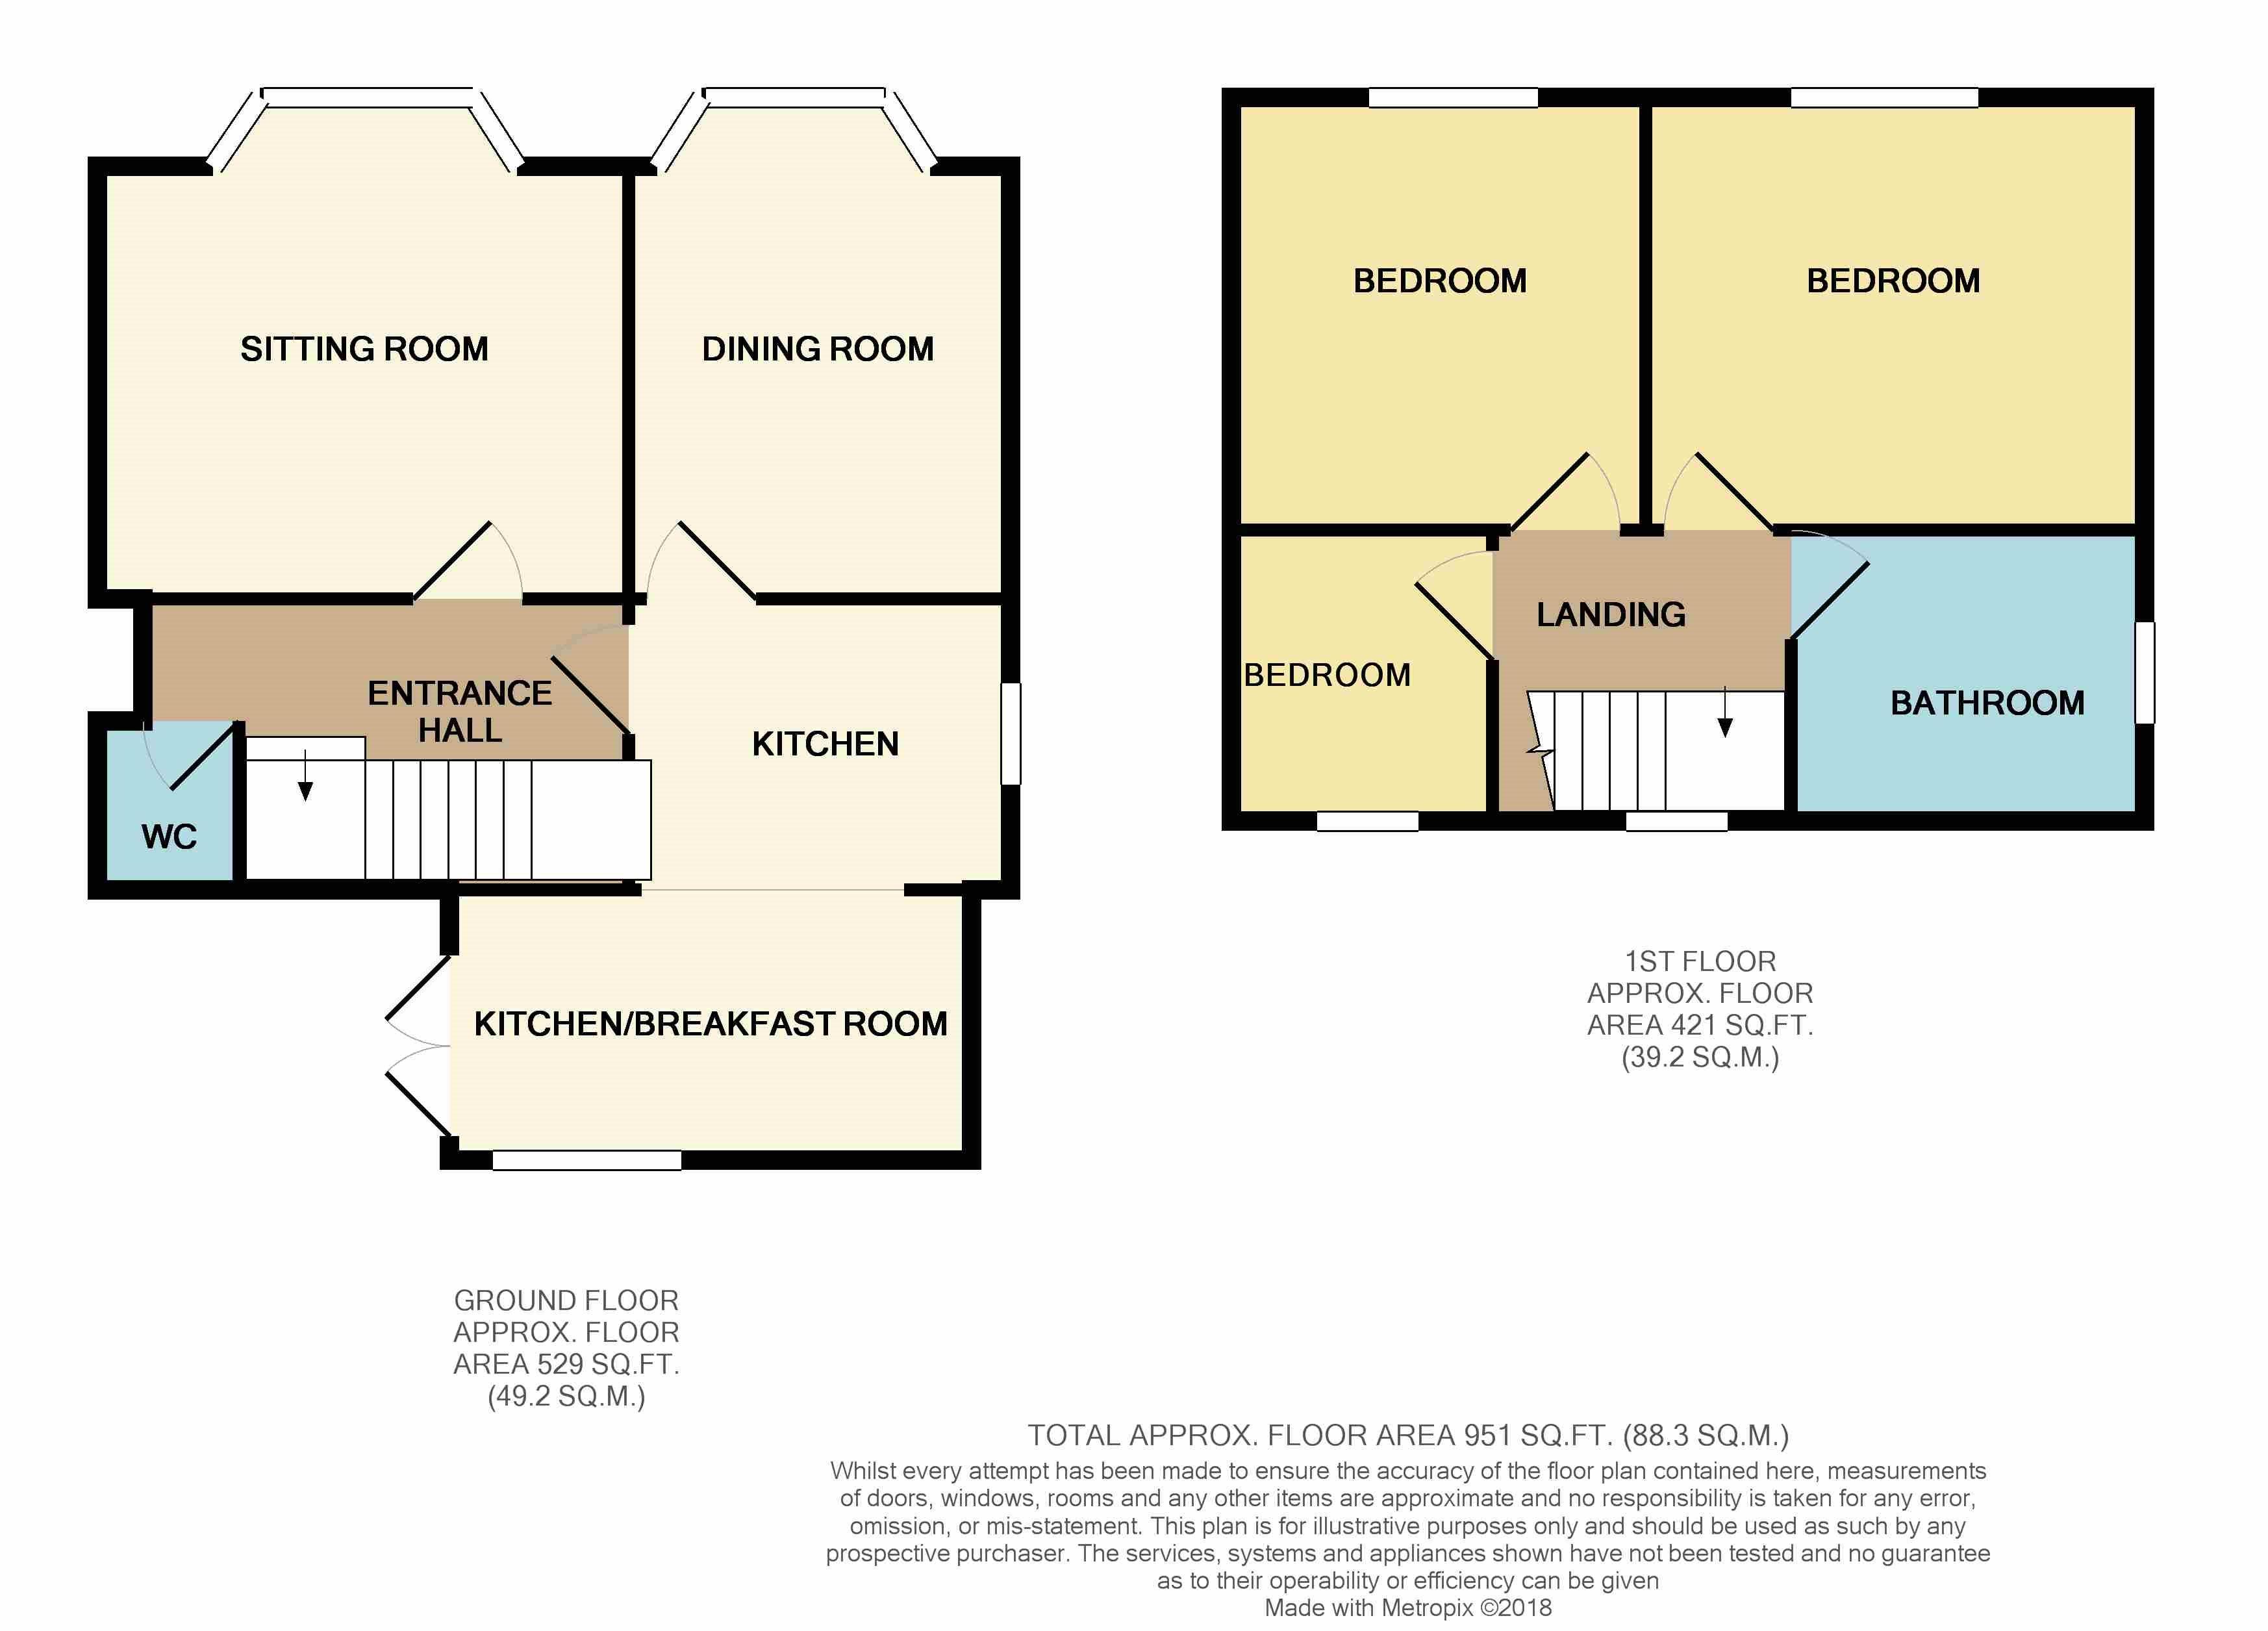 3 Bedrooms  to rent in Hurds Hollow, Matlock, Derbyshire DE4